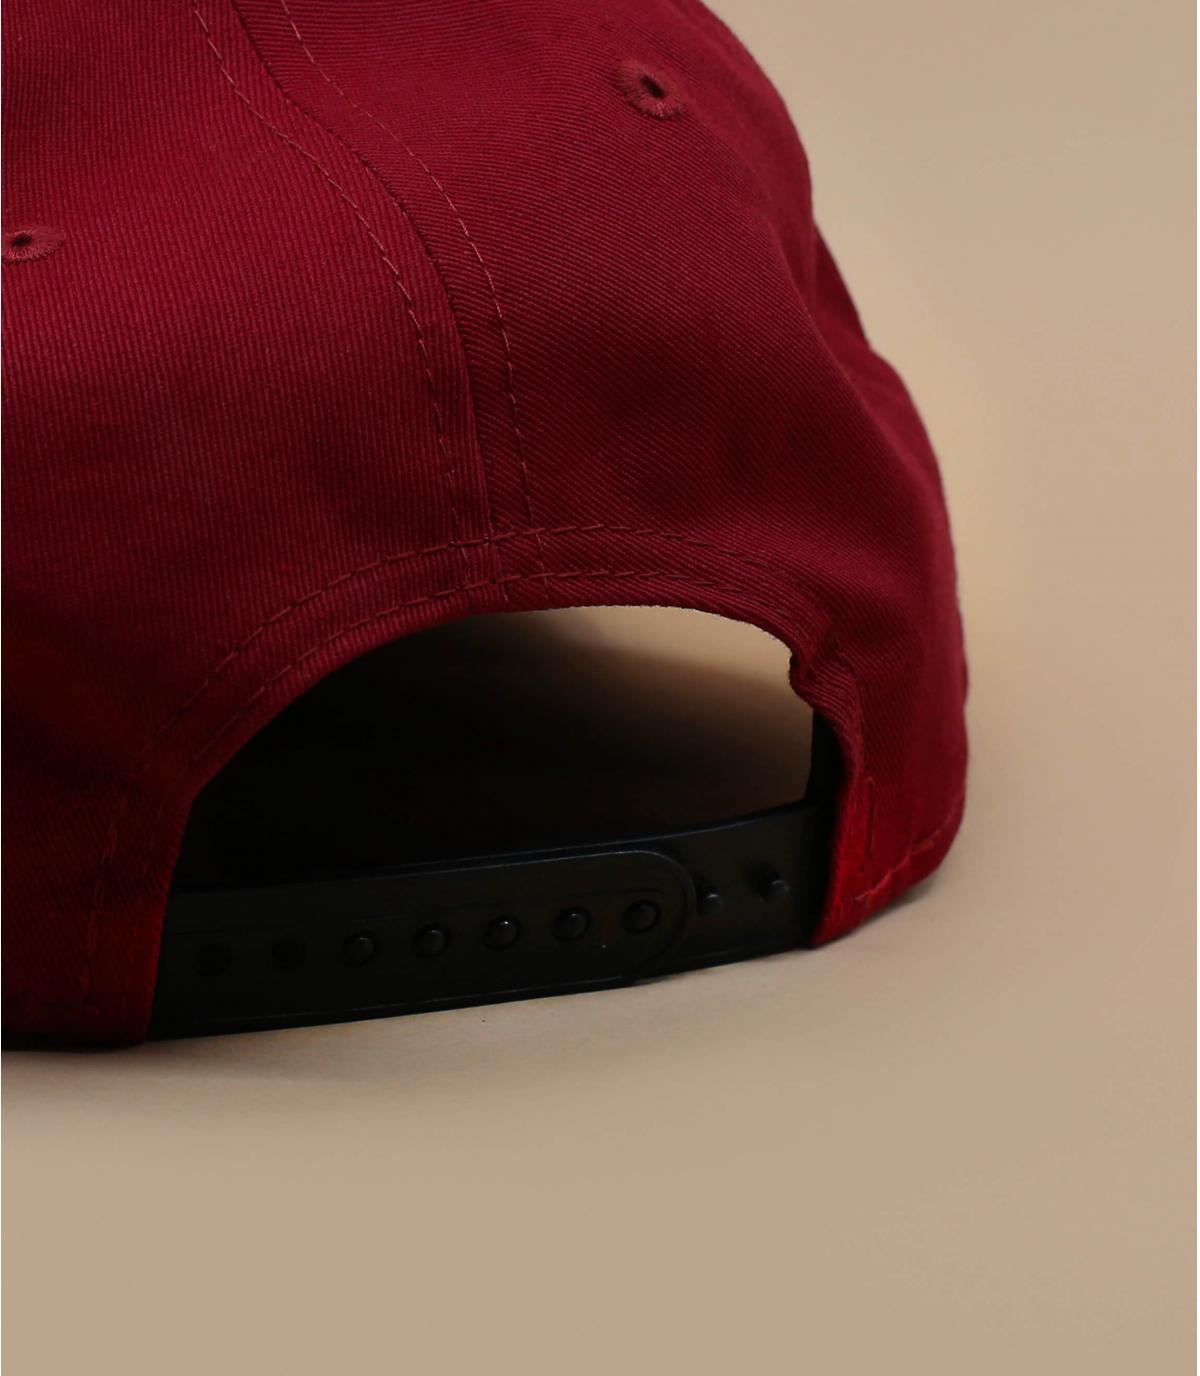 Details Snapback Colour Block NY 950 maroon black - Abbildung 4